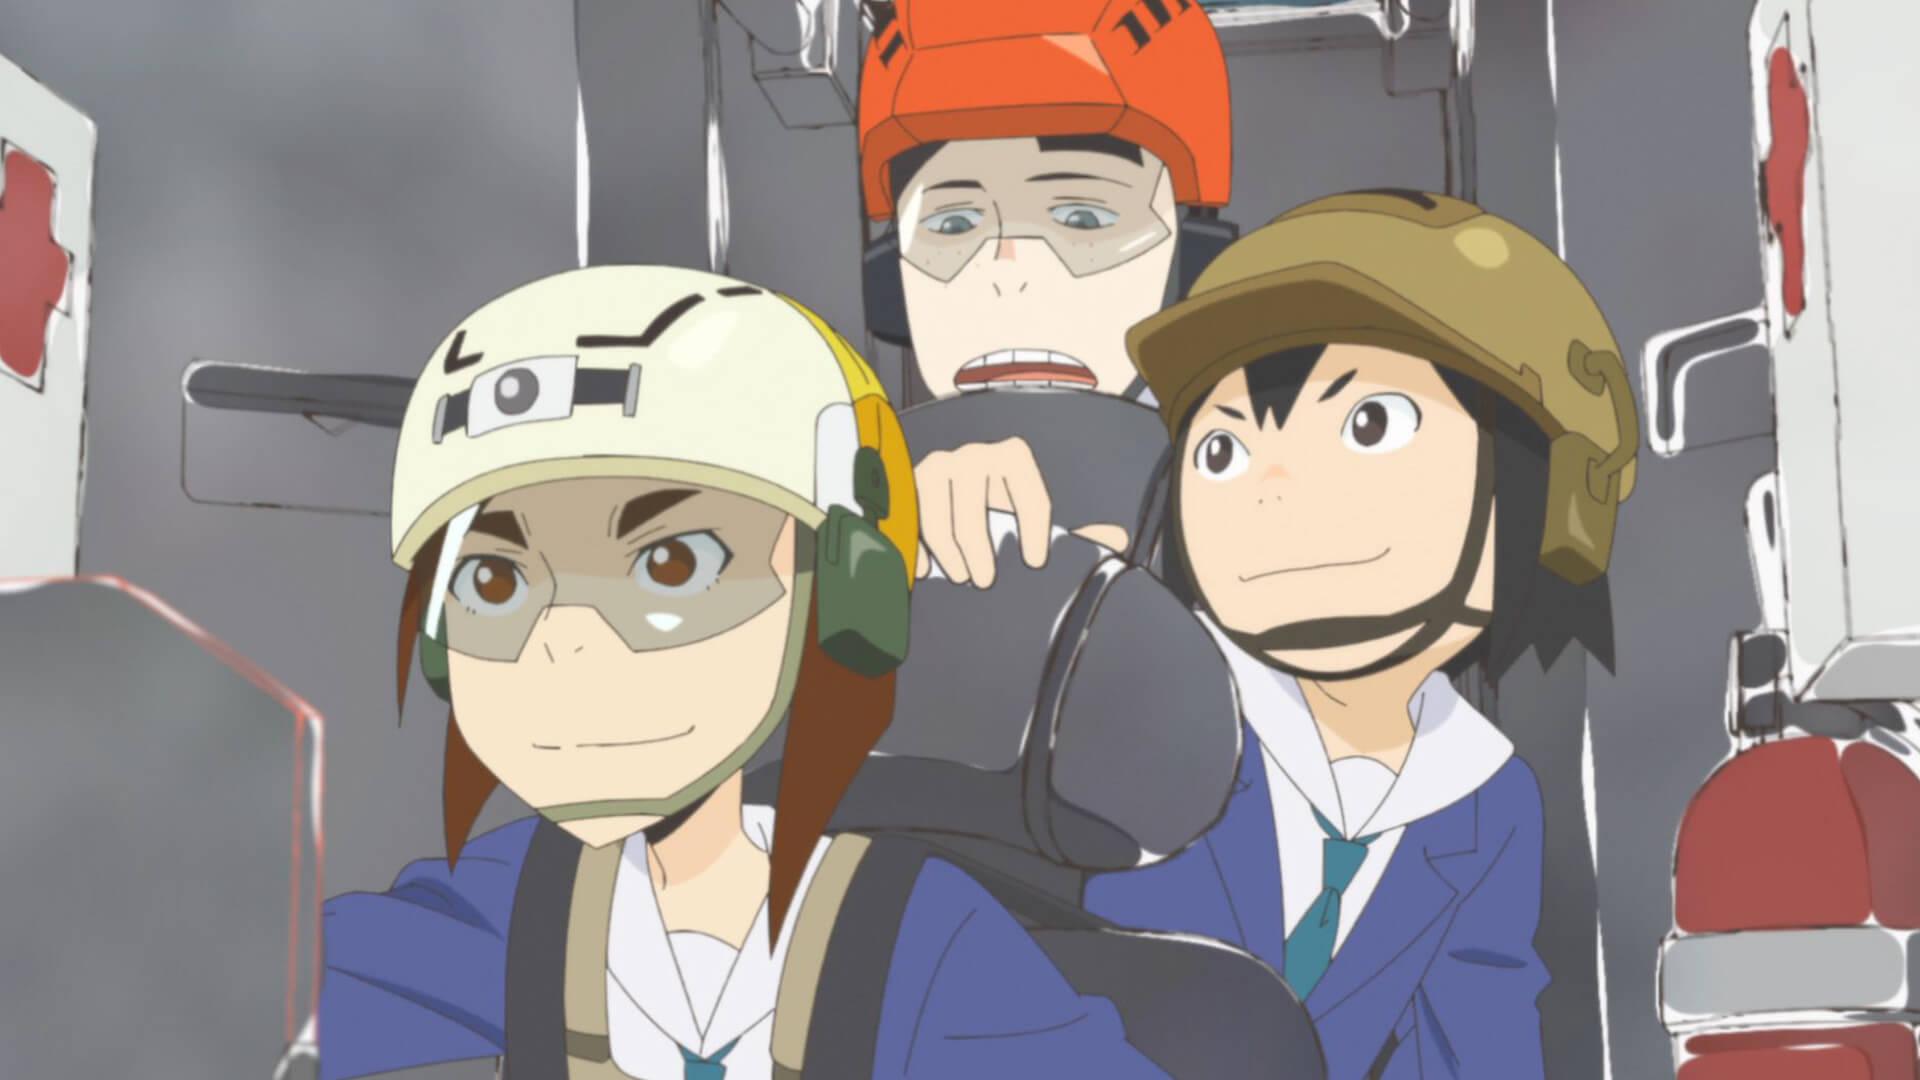 新作『エデン』に『映像研』に『バイオハザード』!Netflixアニメ5月の配信ラインナップが公開 art210423_netflix_anime_7